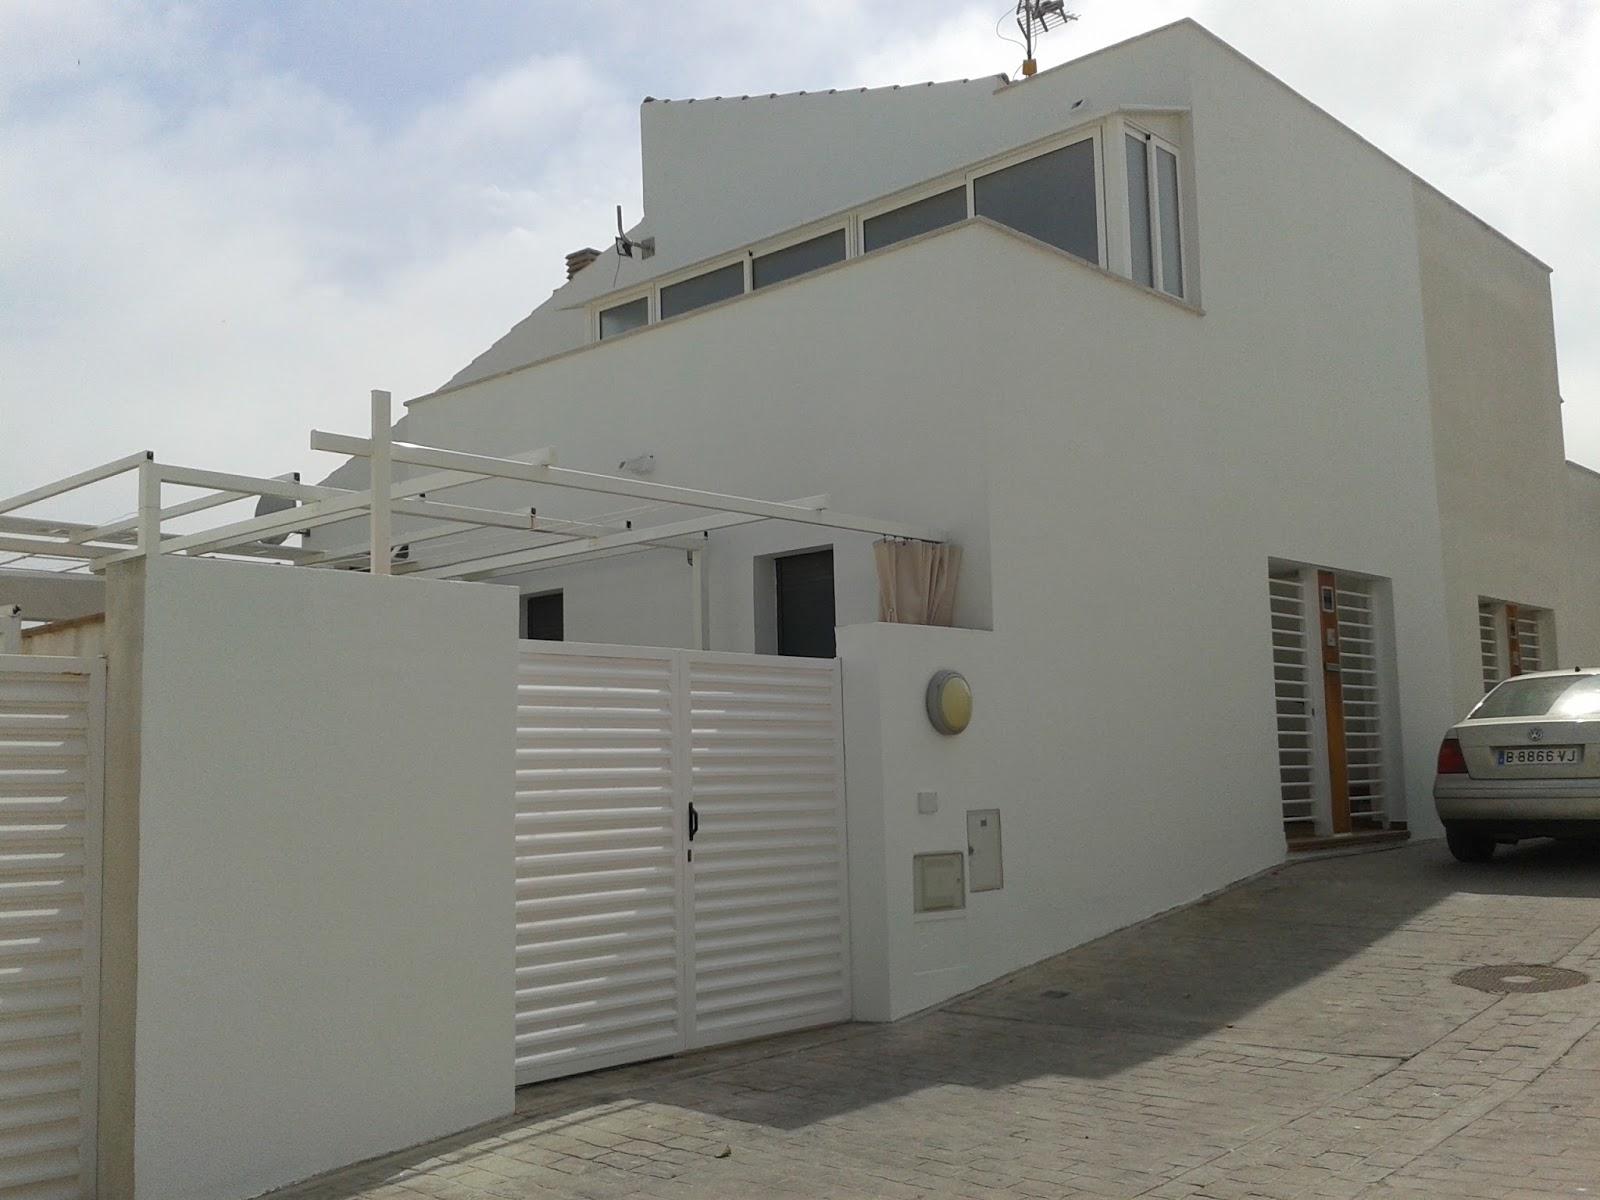 Pintores Pep Pinta -Tfo.679578799: Aplicación de pintura exterior e ...